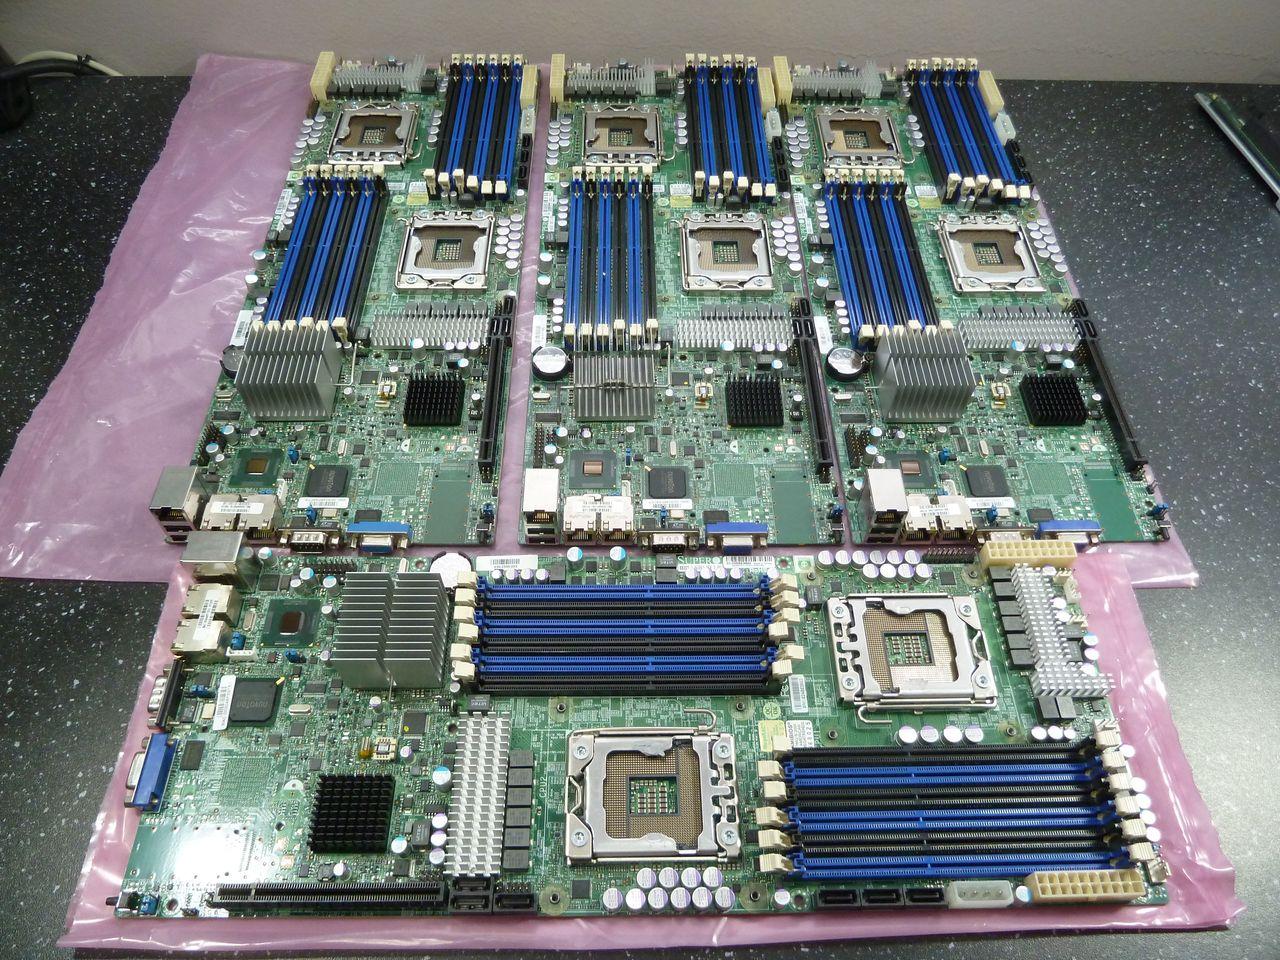 tmb-motherboards.jpg